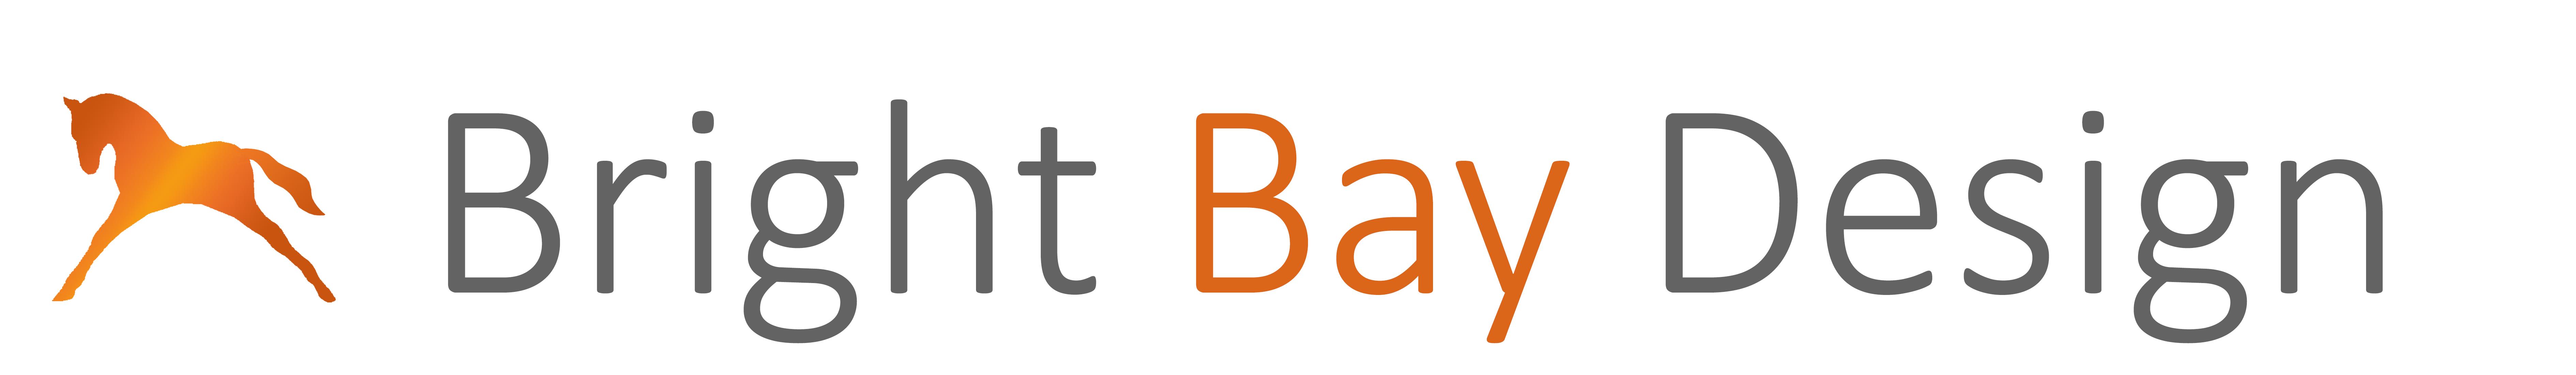 Bright Bay Design